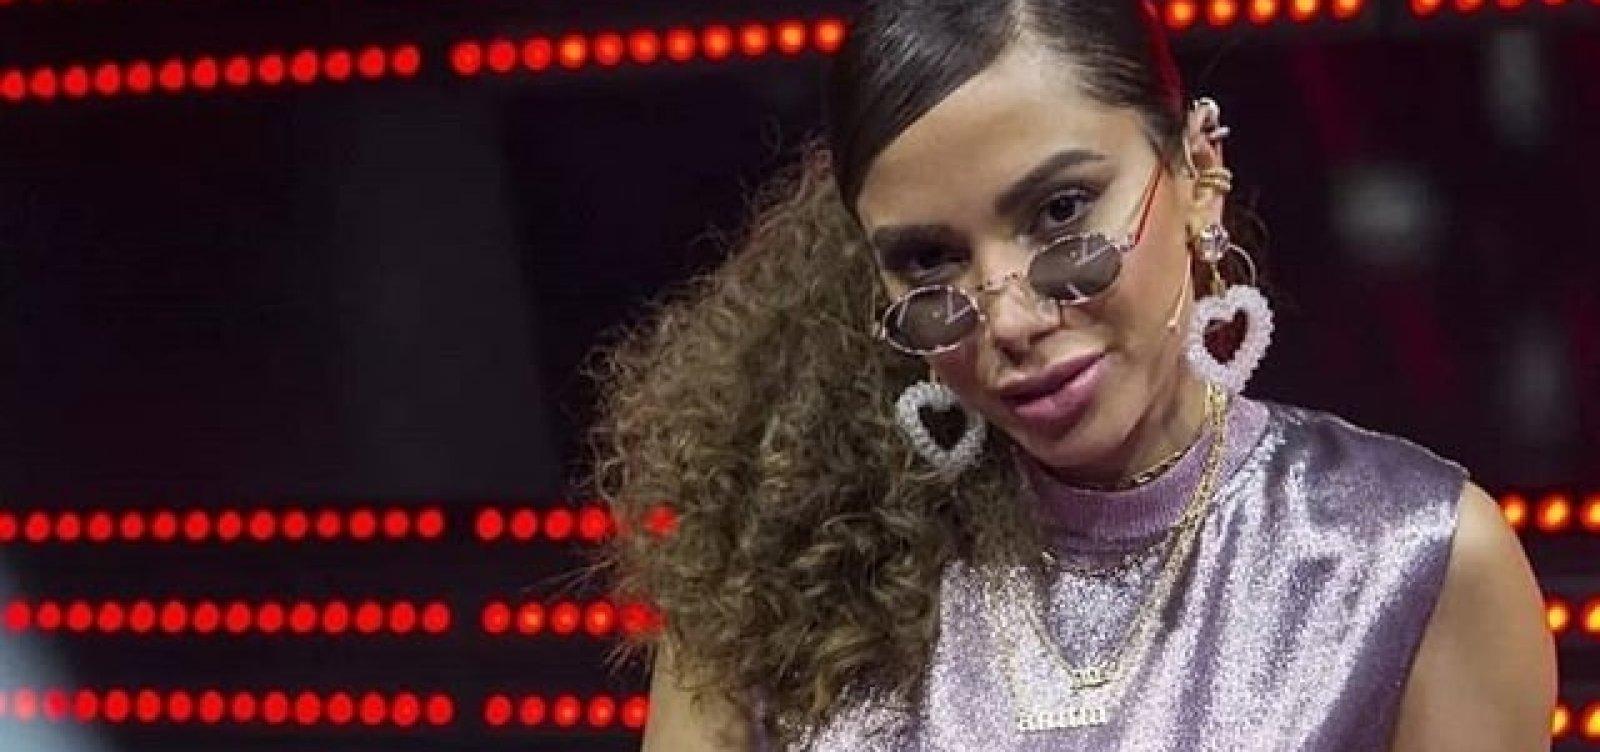 Anitta comenta polêmica sobre posicionamento político em show; veja vídeo